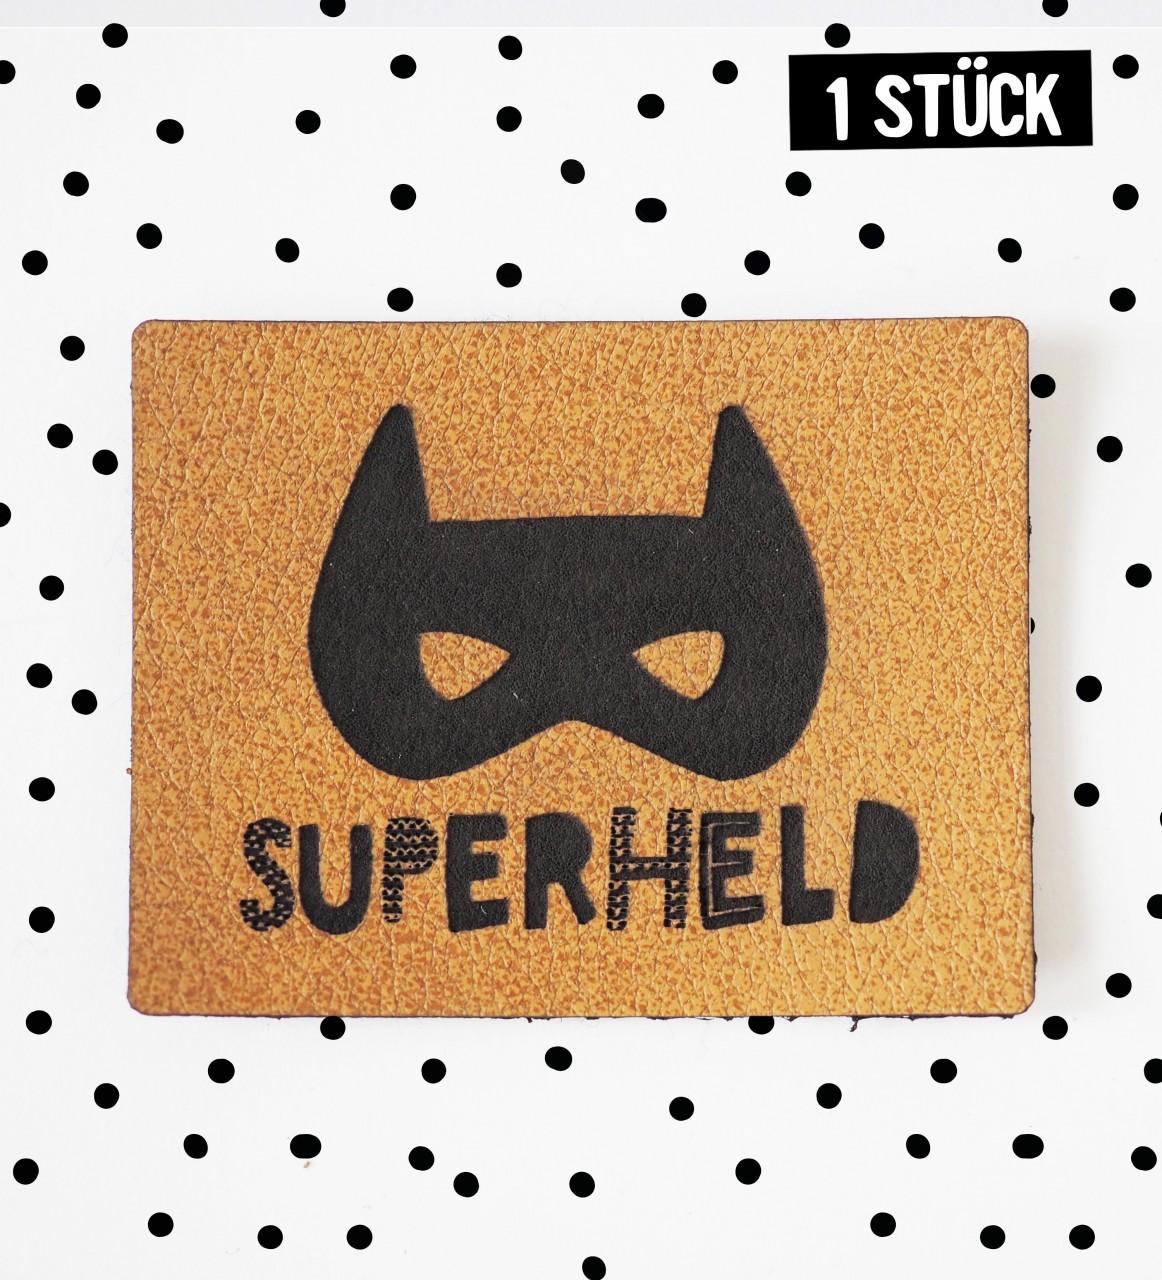 Kunstlederlabel *Superheld*